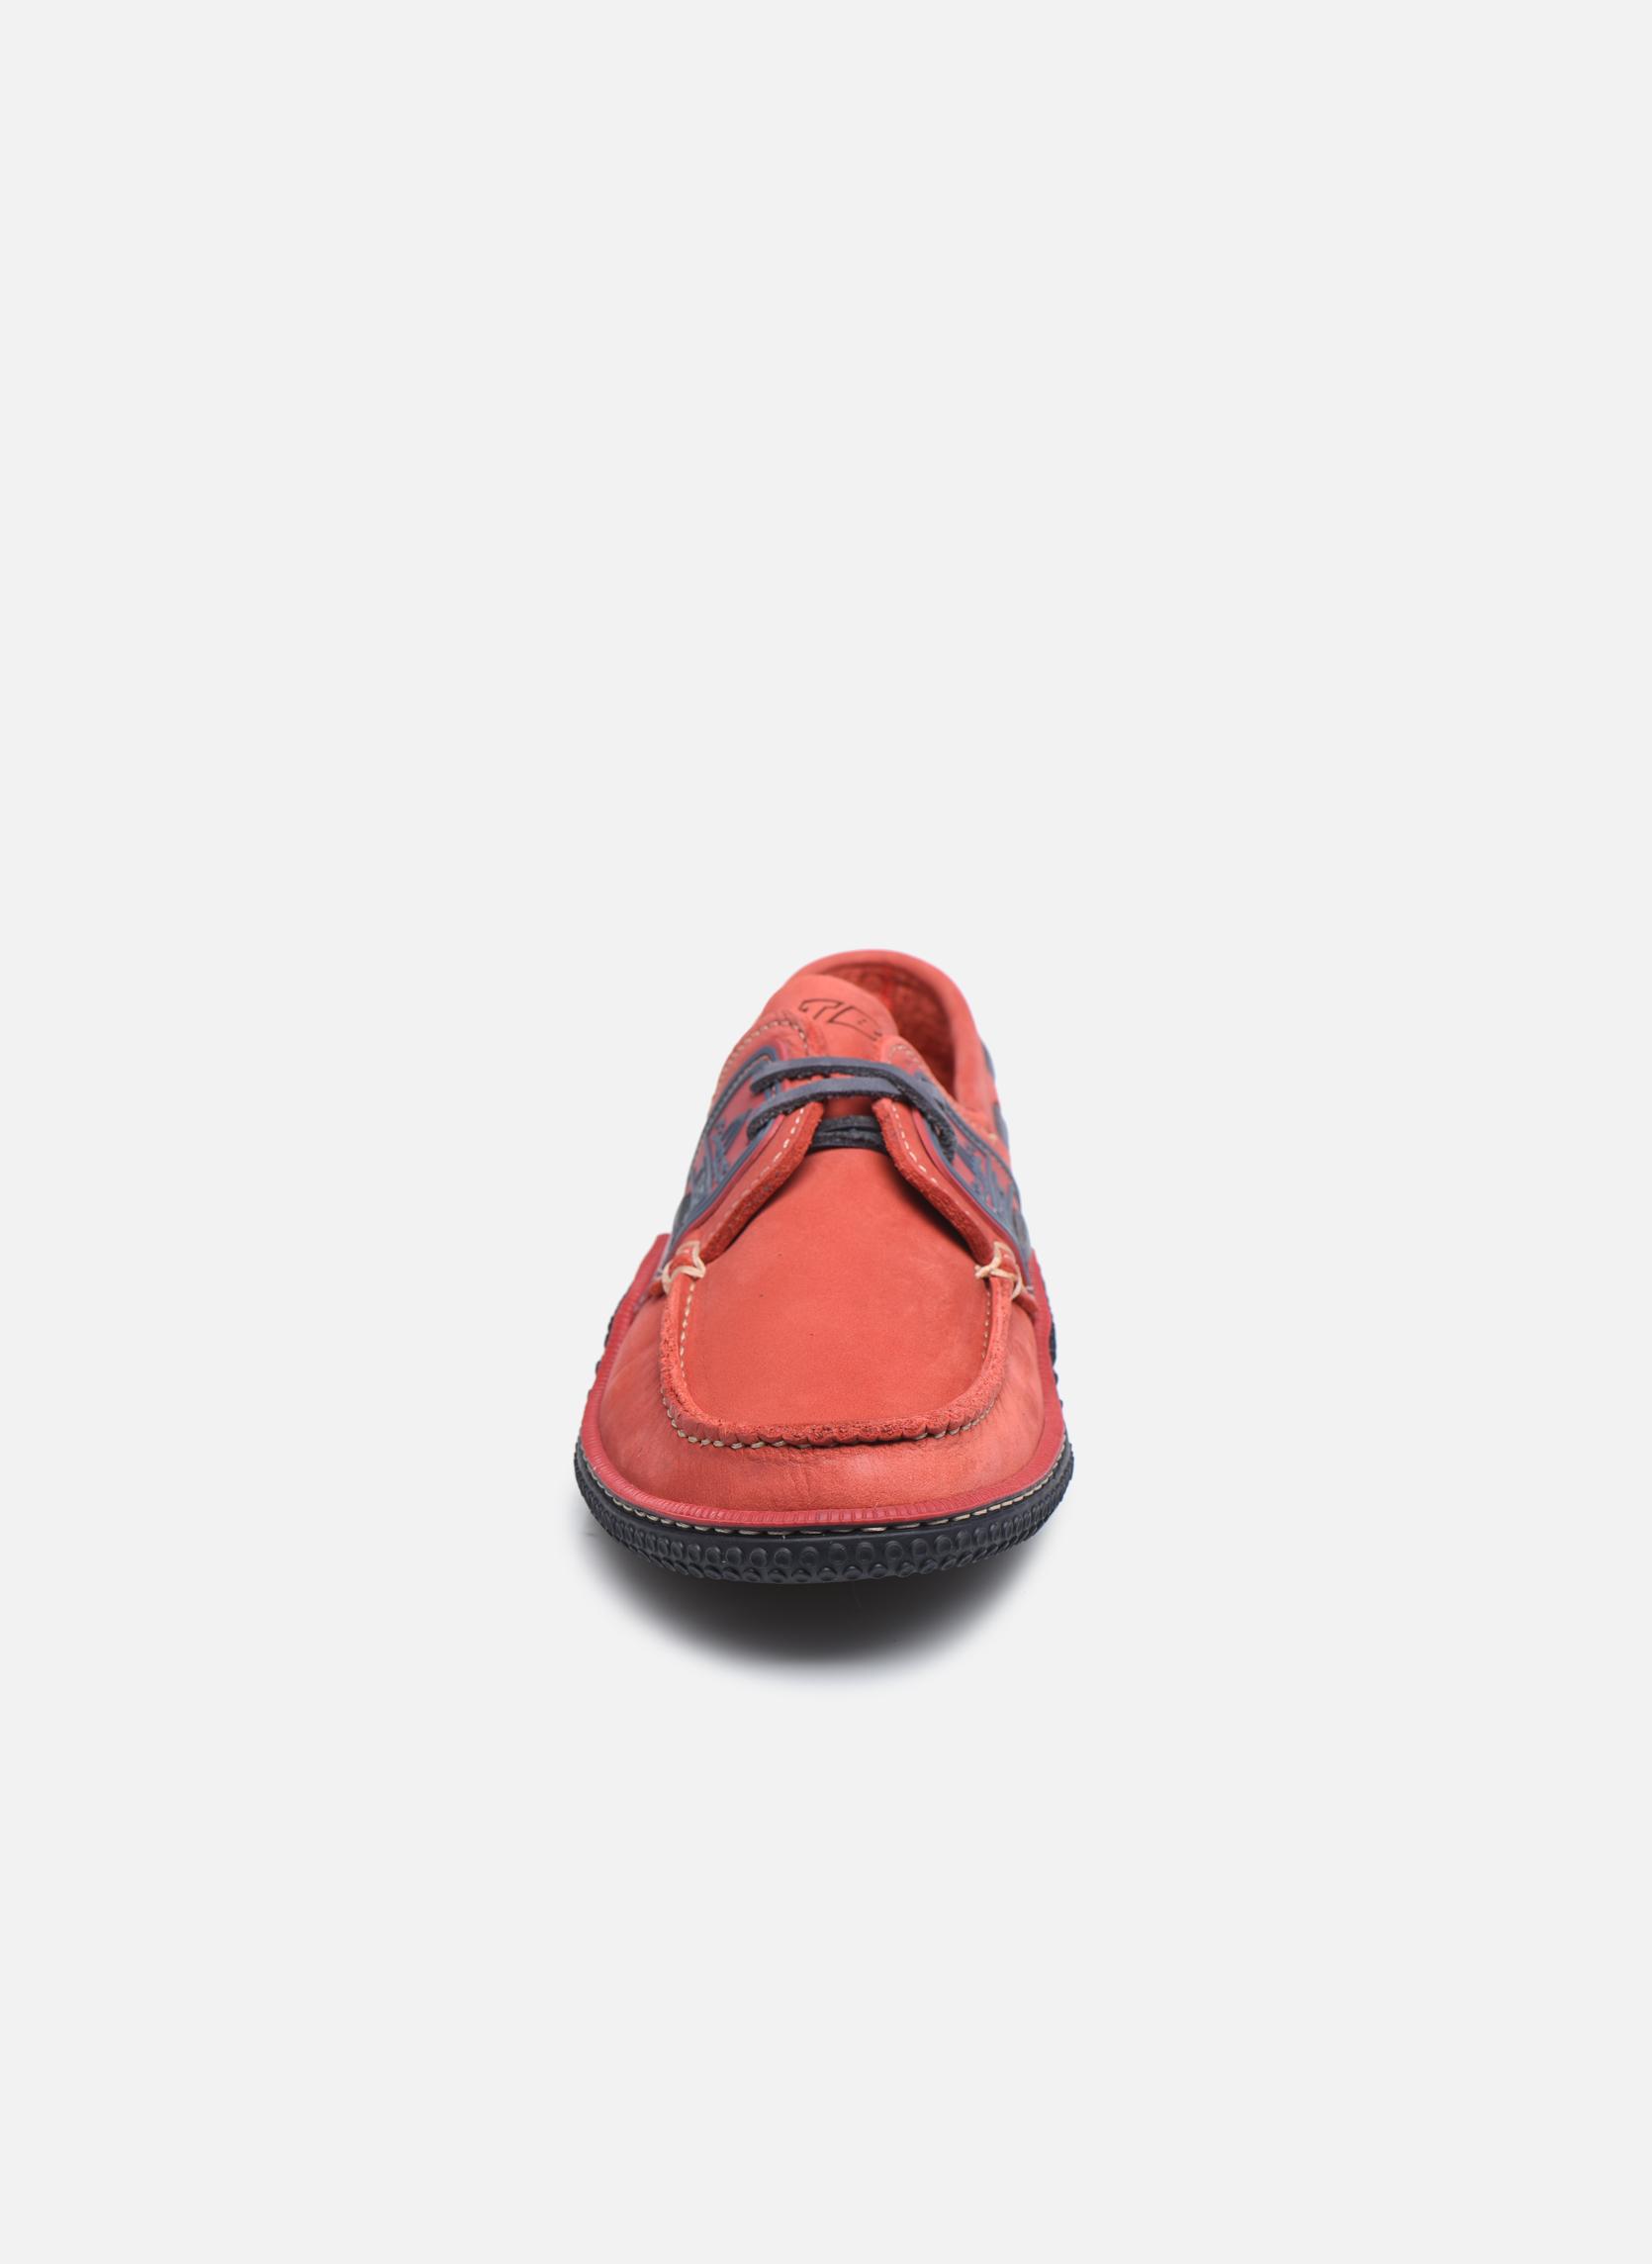 Globek Rouge-Encre